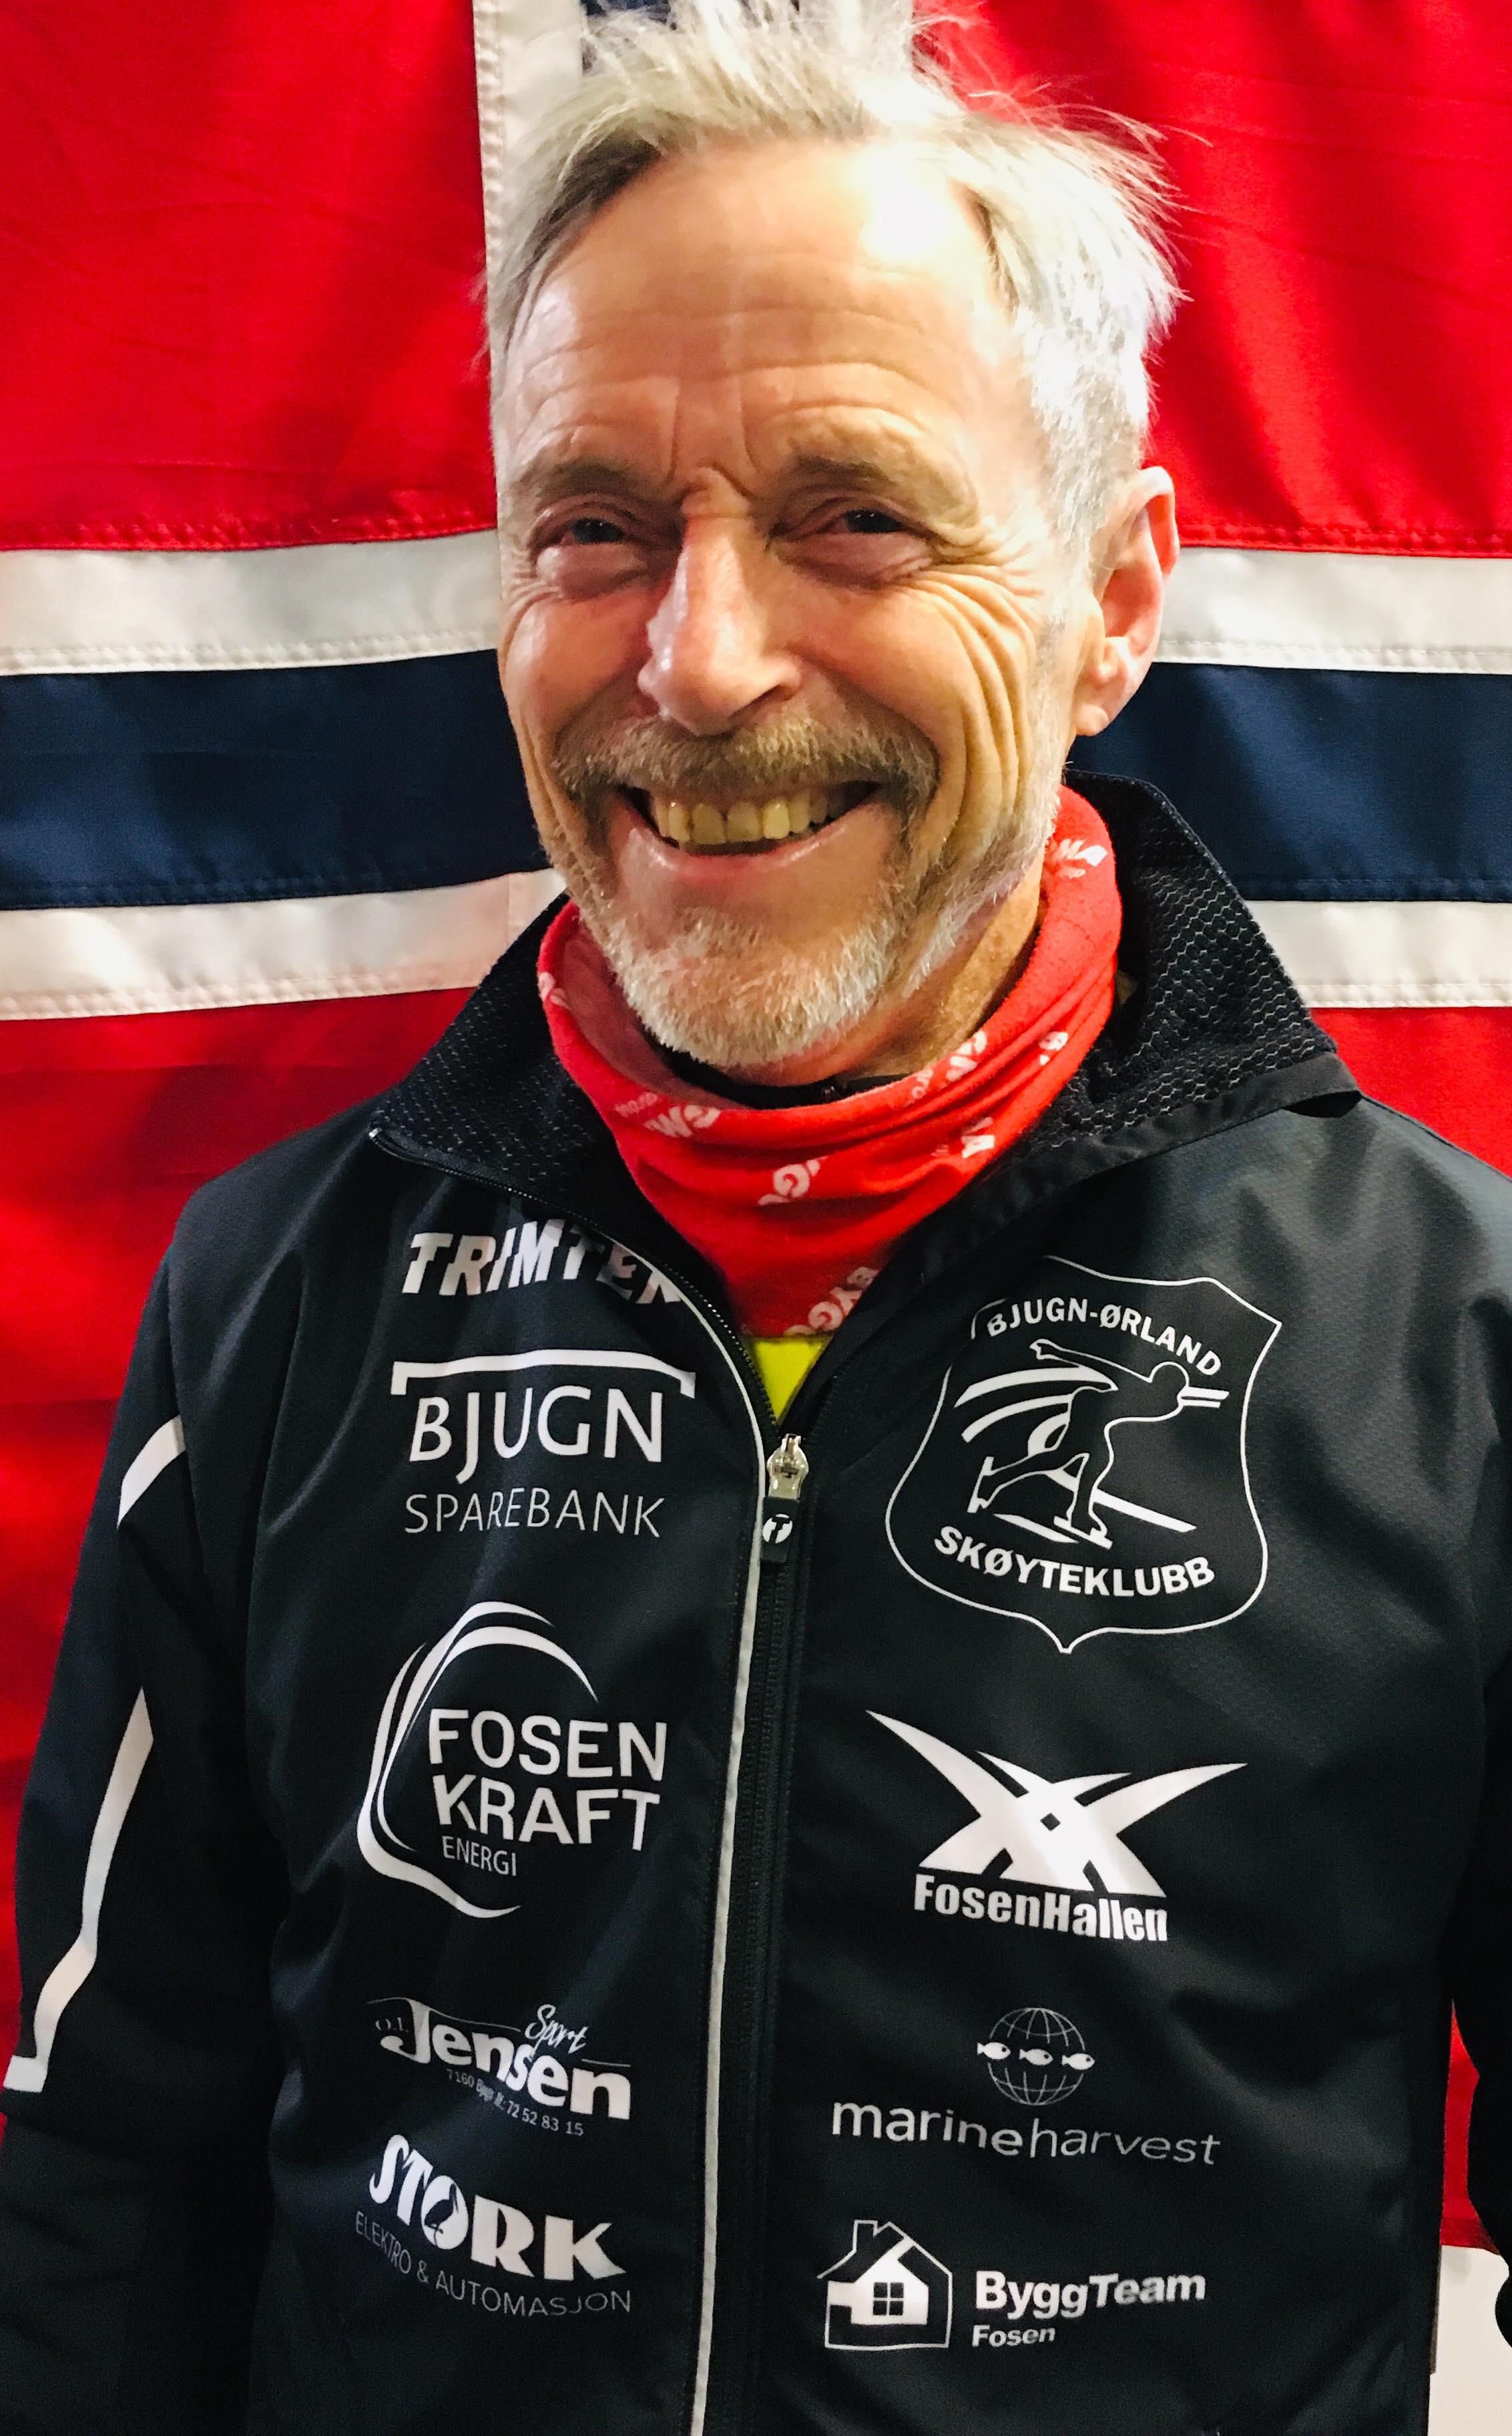 Martin meland - Født: Jan 1946Skøyteklasse: M70Skøyter: Viking sko og stålPerser: Trykk her